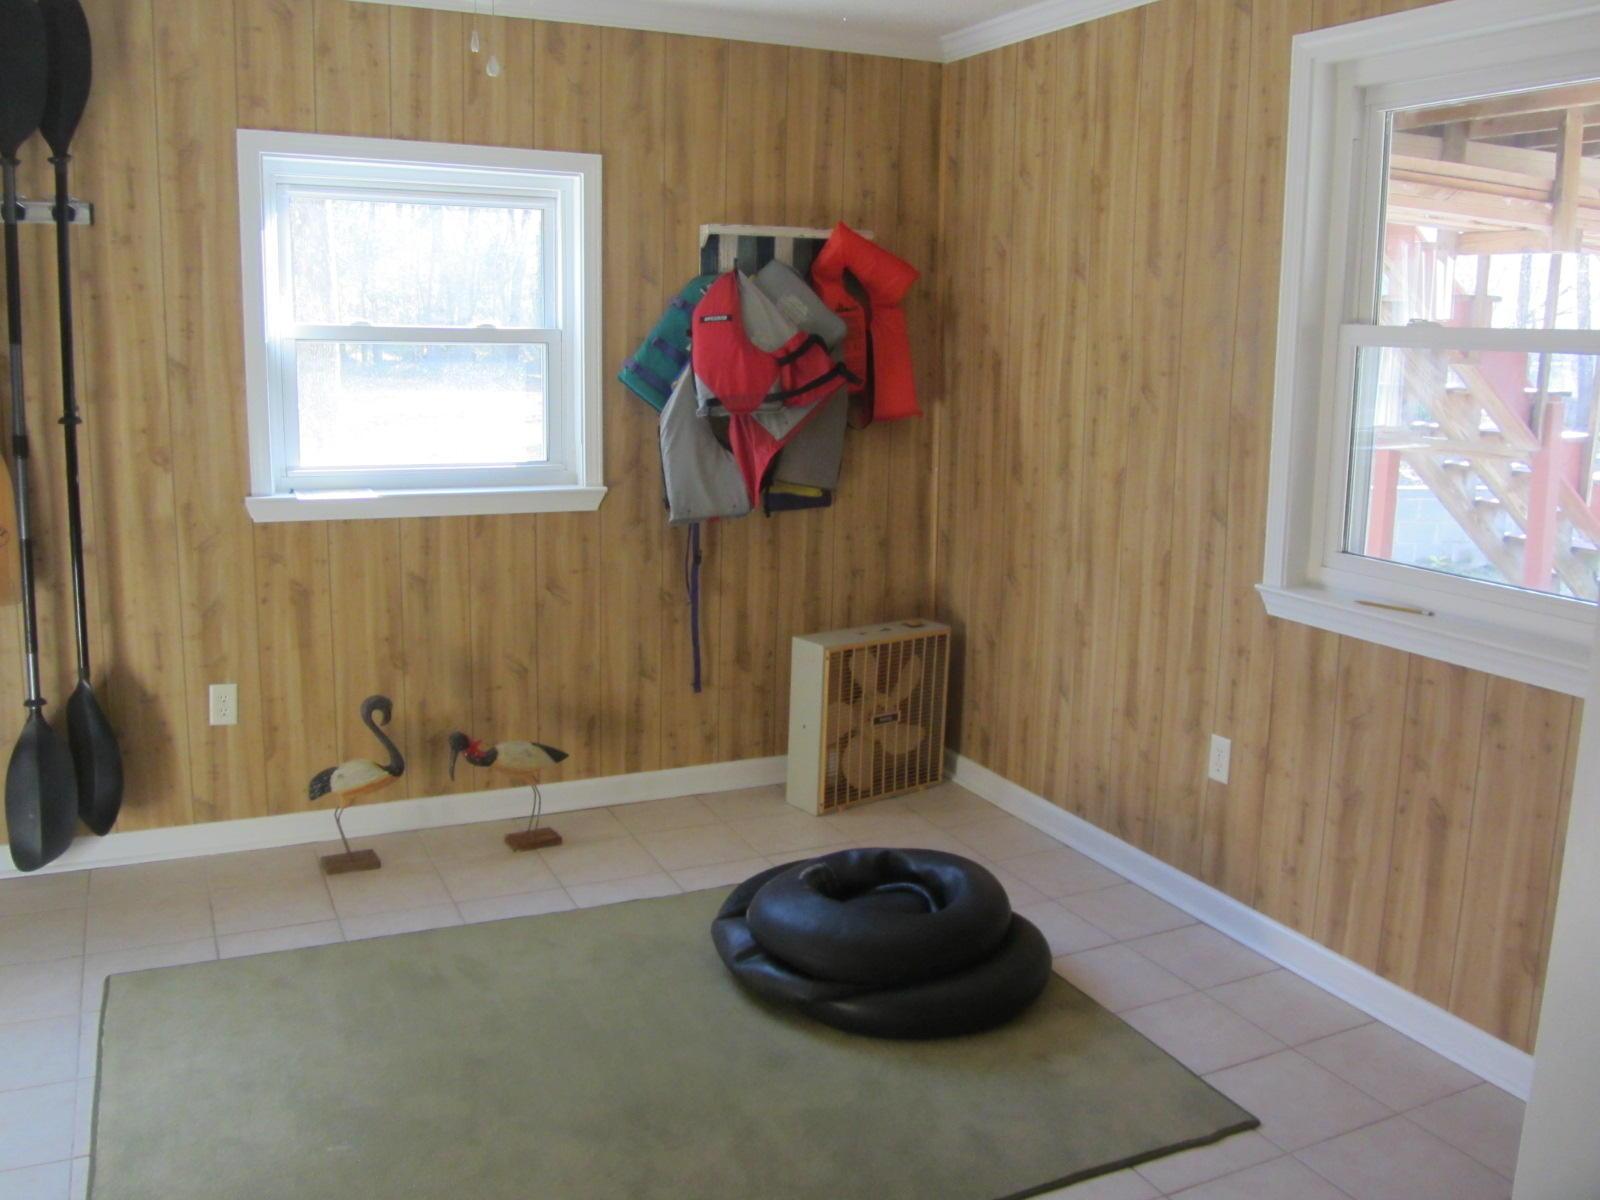 Edisto River Homes For Sale - 265 Blackwater, Round O, SC - 29